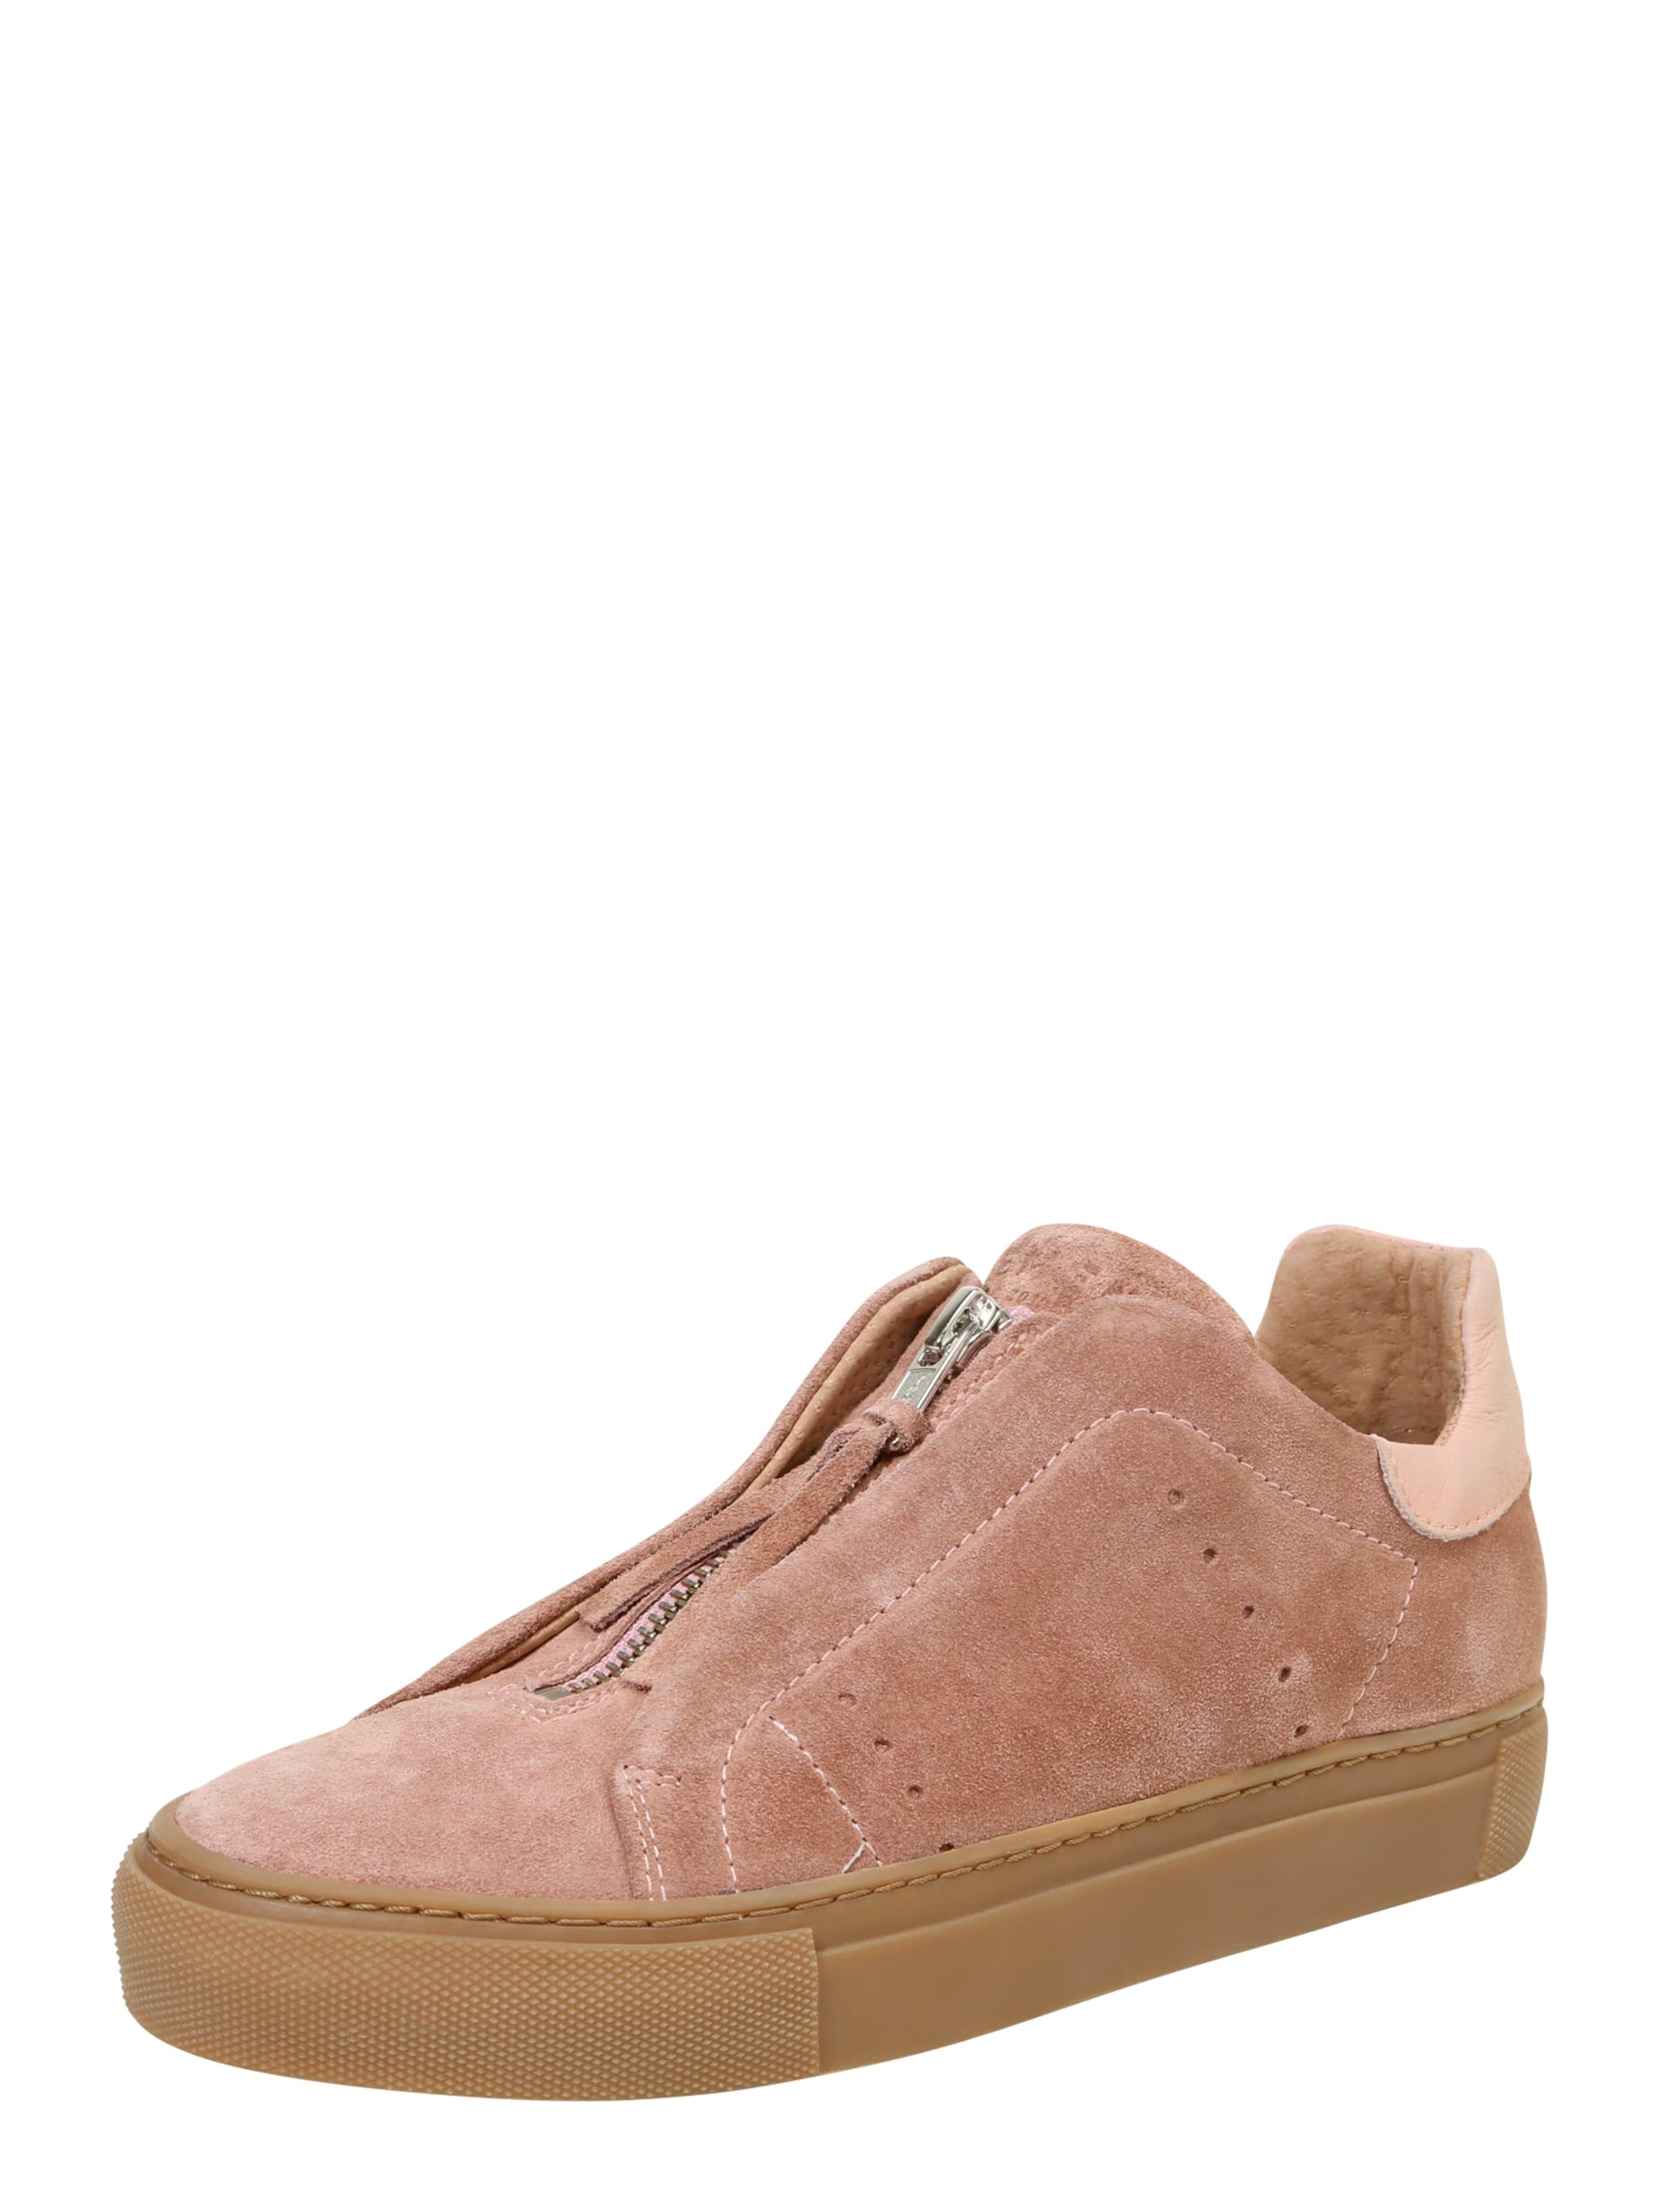 Günstig Kaufen Rabatt Kaufladen PAVEMENT Sneaker 'Gabrielle' 2018 Unisex Auslass Schnelle Lieferung Günstig Kaufen Großen Rabatt QmGArGlEv